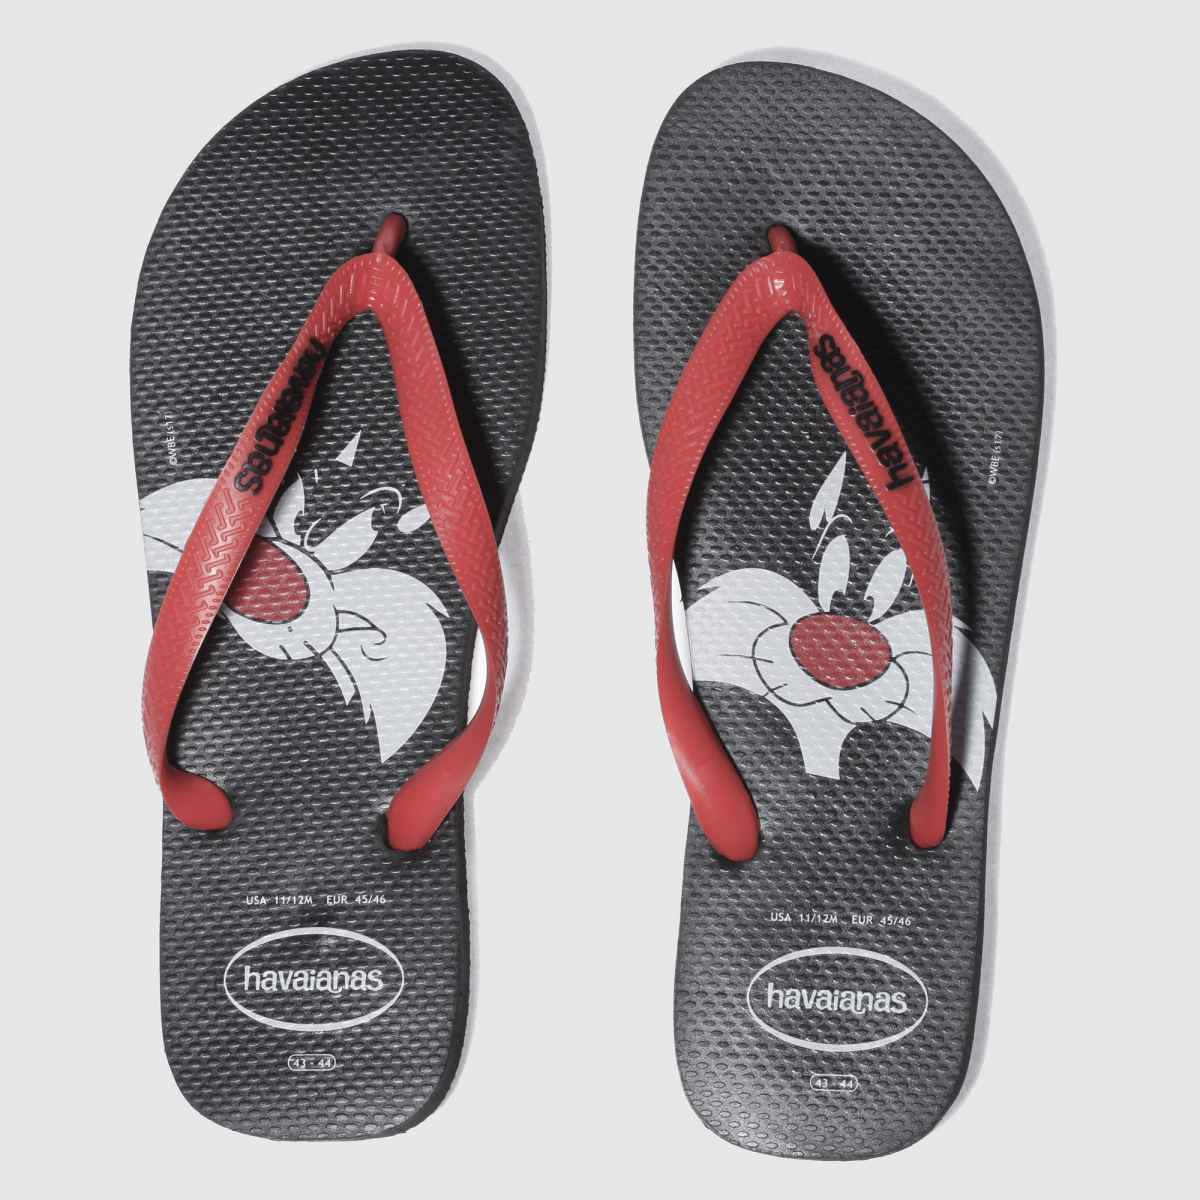 Havaianas Havaianas Black & Red Looney Tunes Sandals